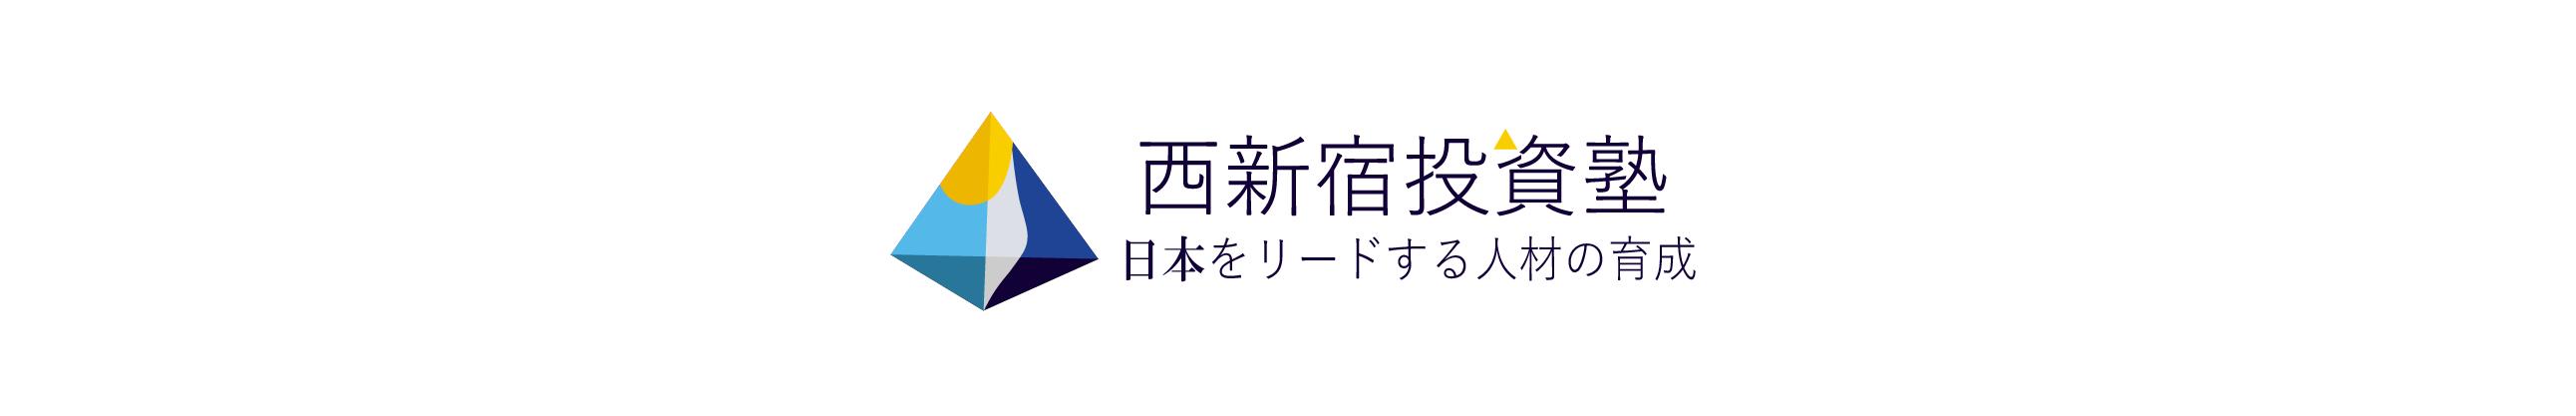 西新宿投資塾